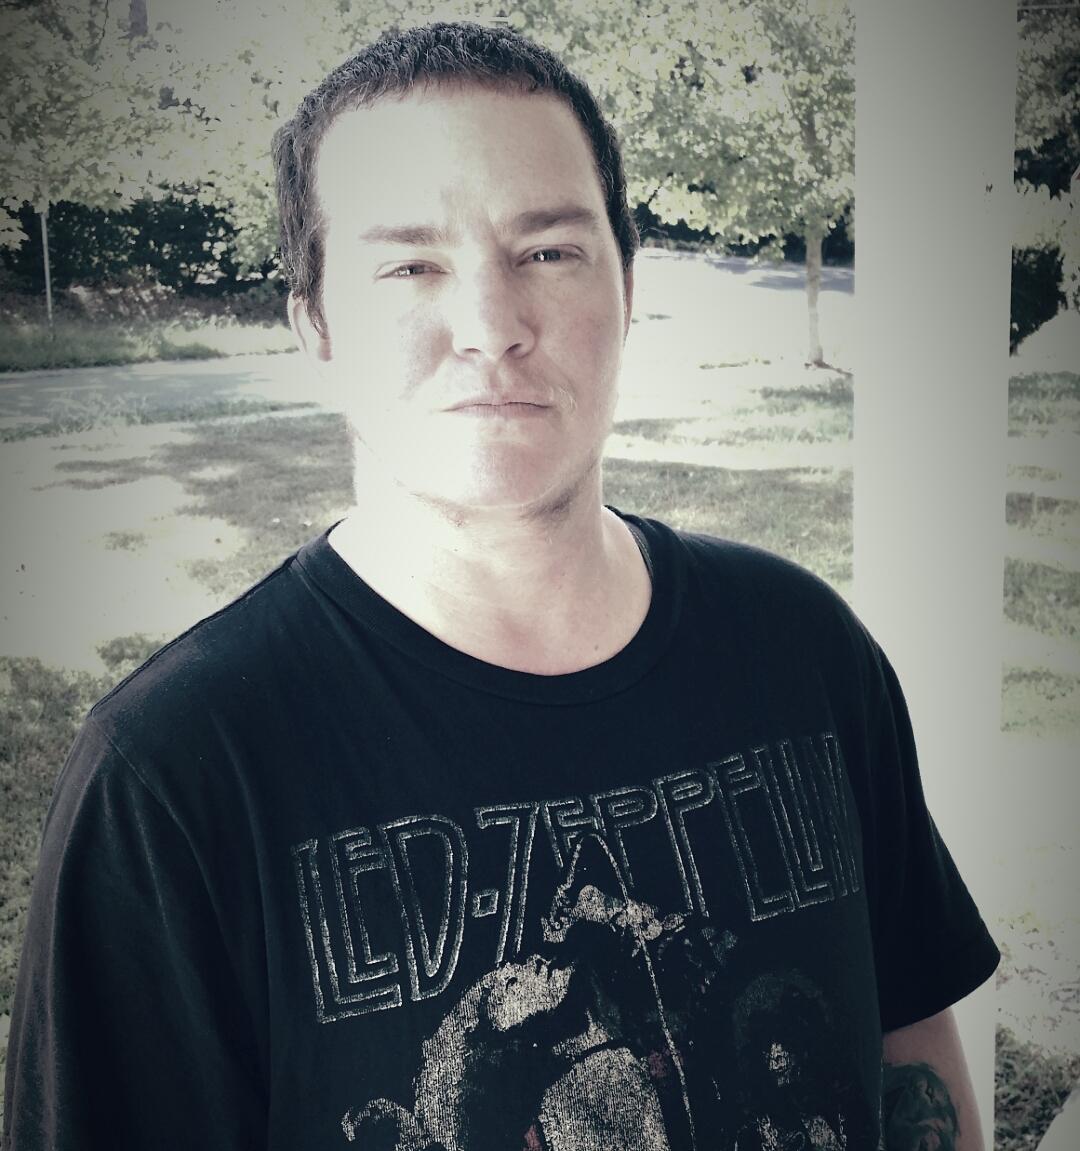 Picture of Jameson O'Hanlon